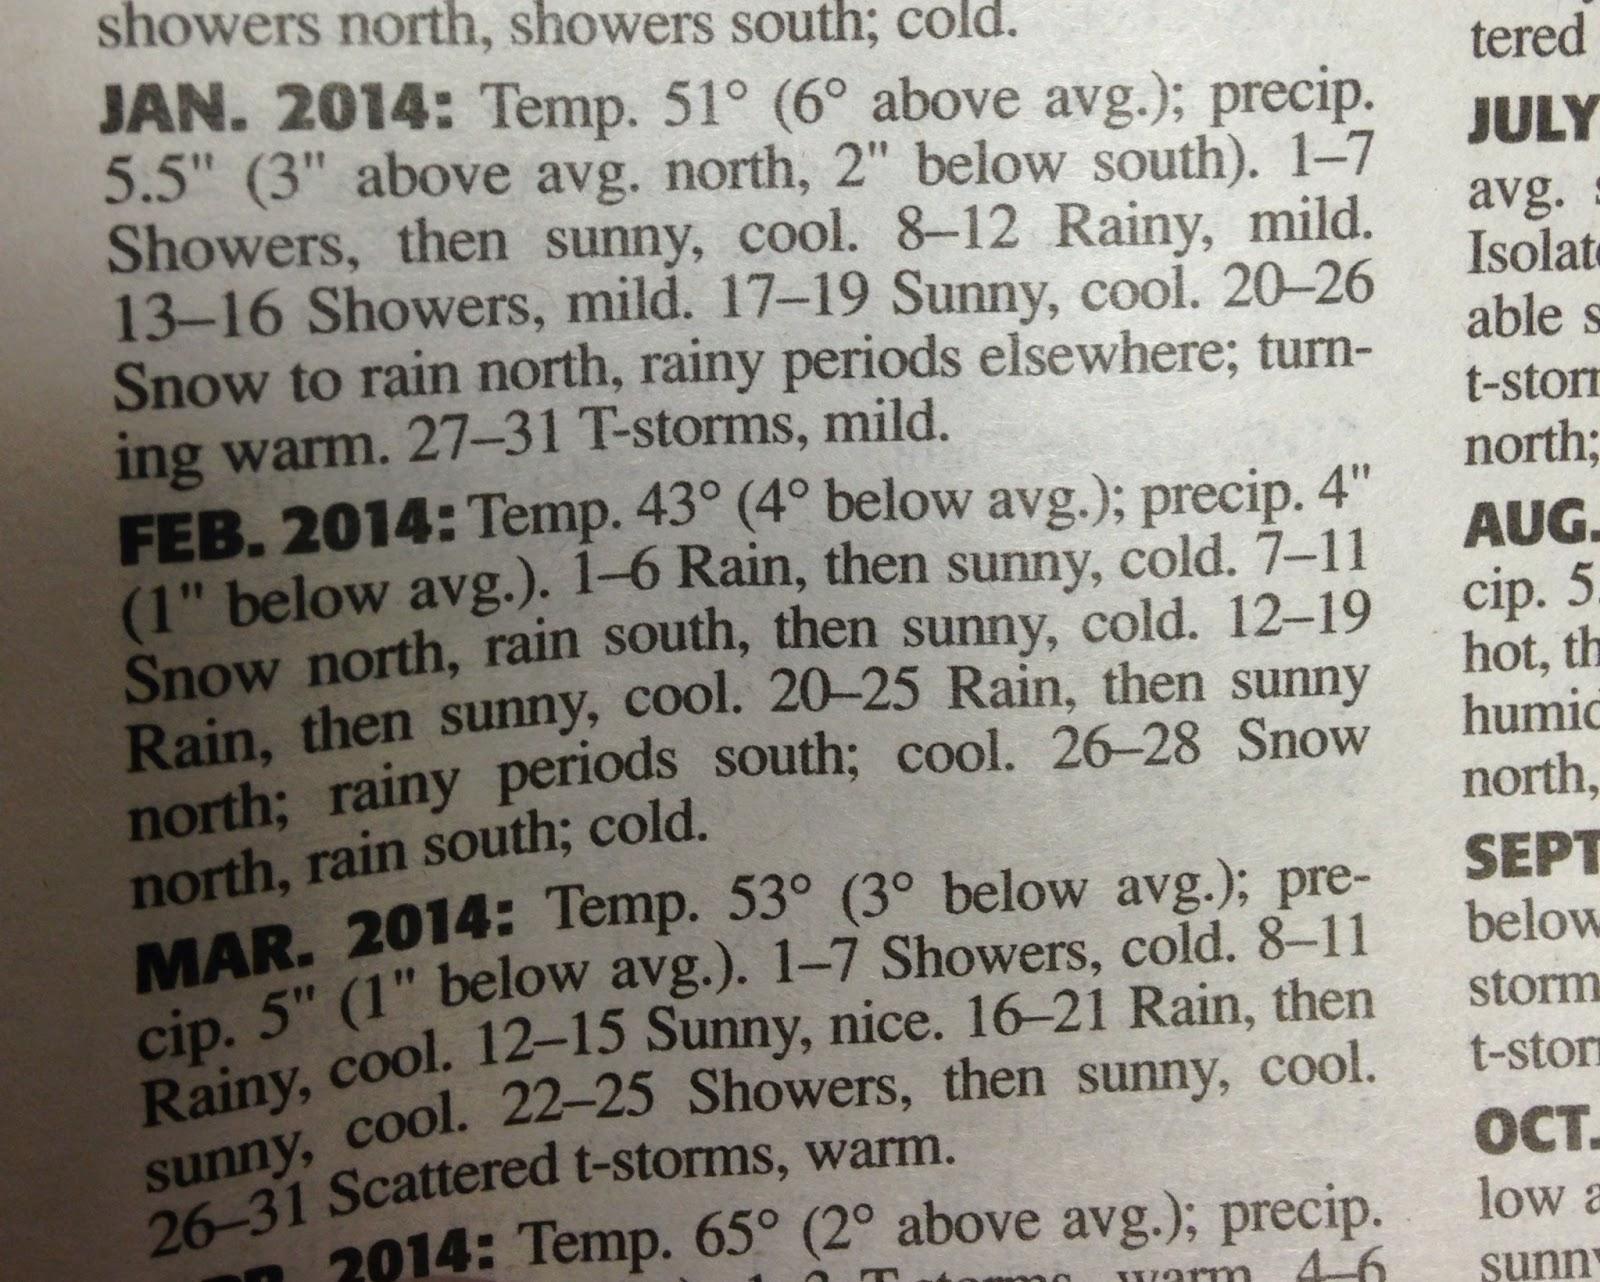 Old Farmer's Almanac 2014